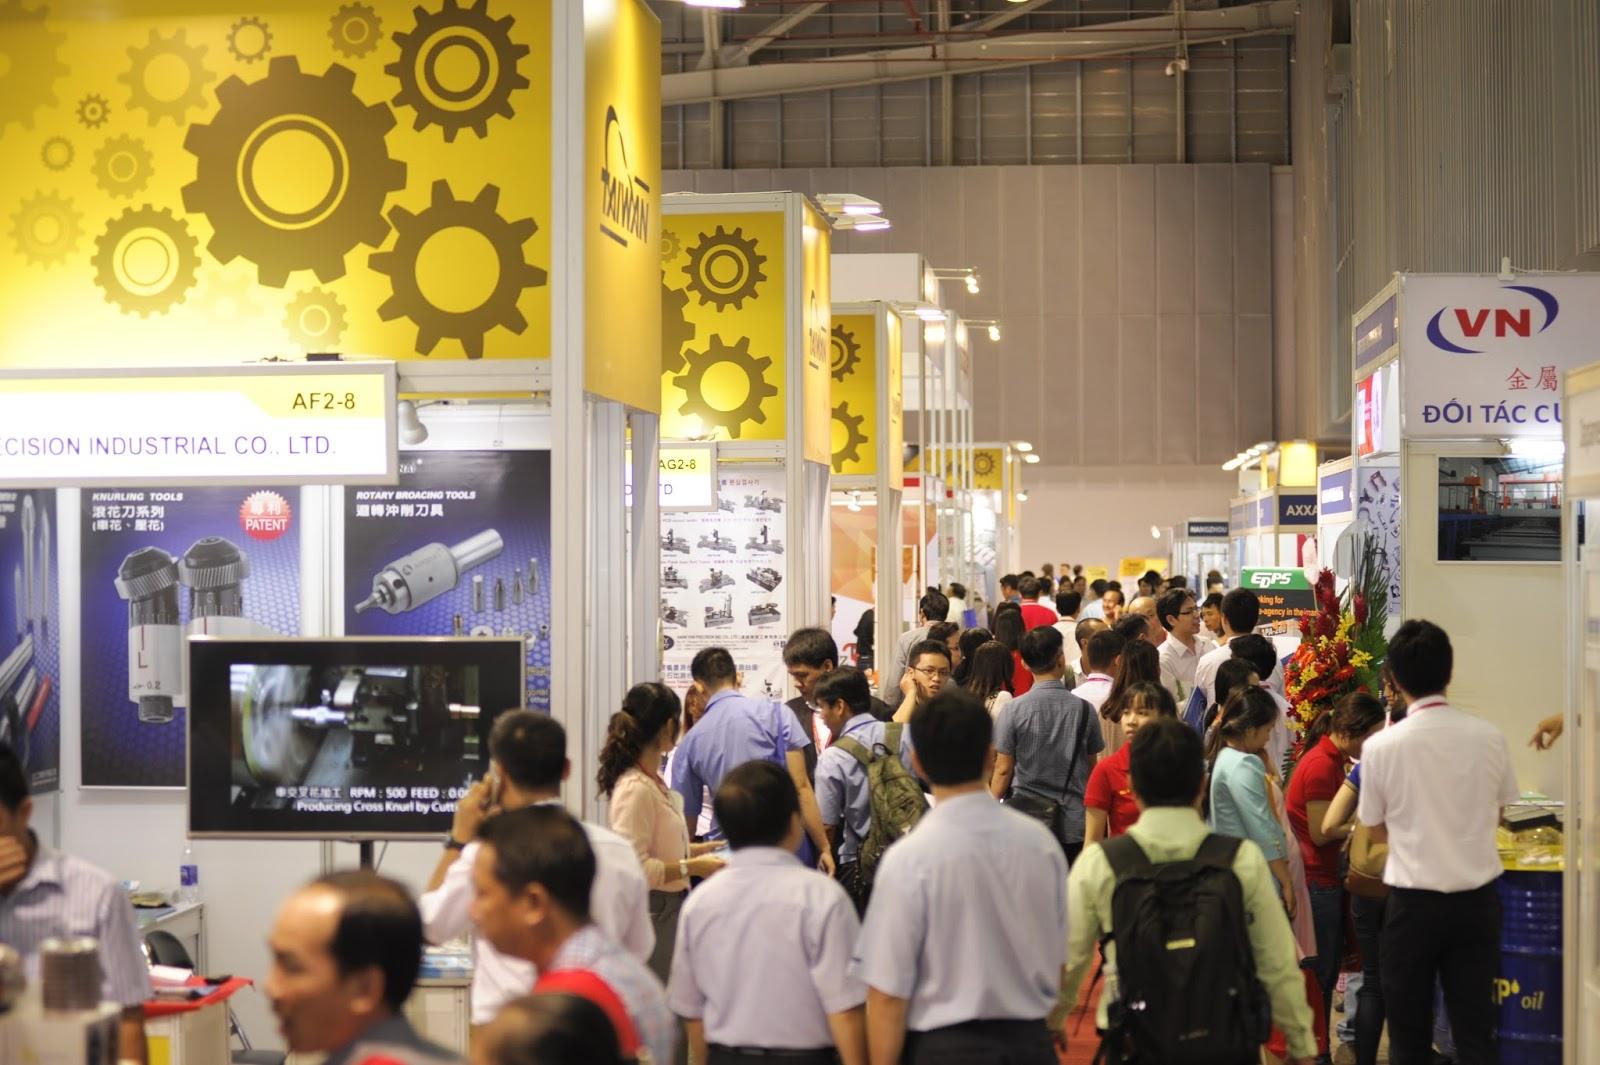 MTA VIETNAM mang trong mình sứ mệnh giúp thúc đẩy sự phát triển ngành cơ khí chế tạo tại Việt Nam